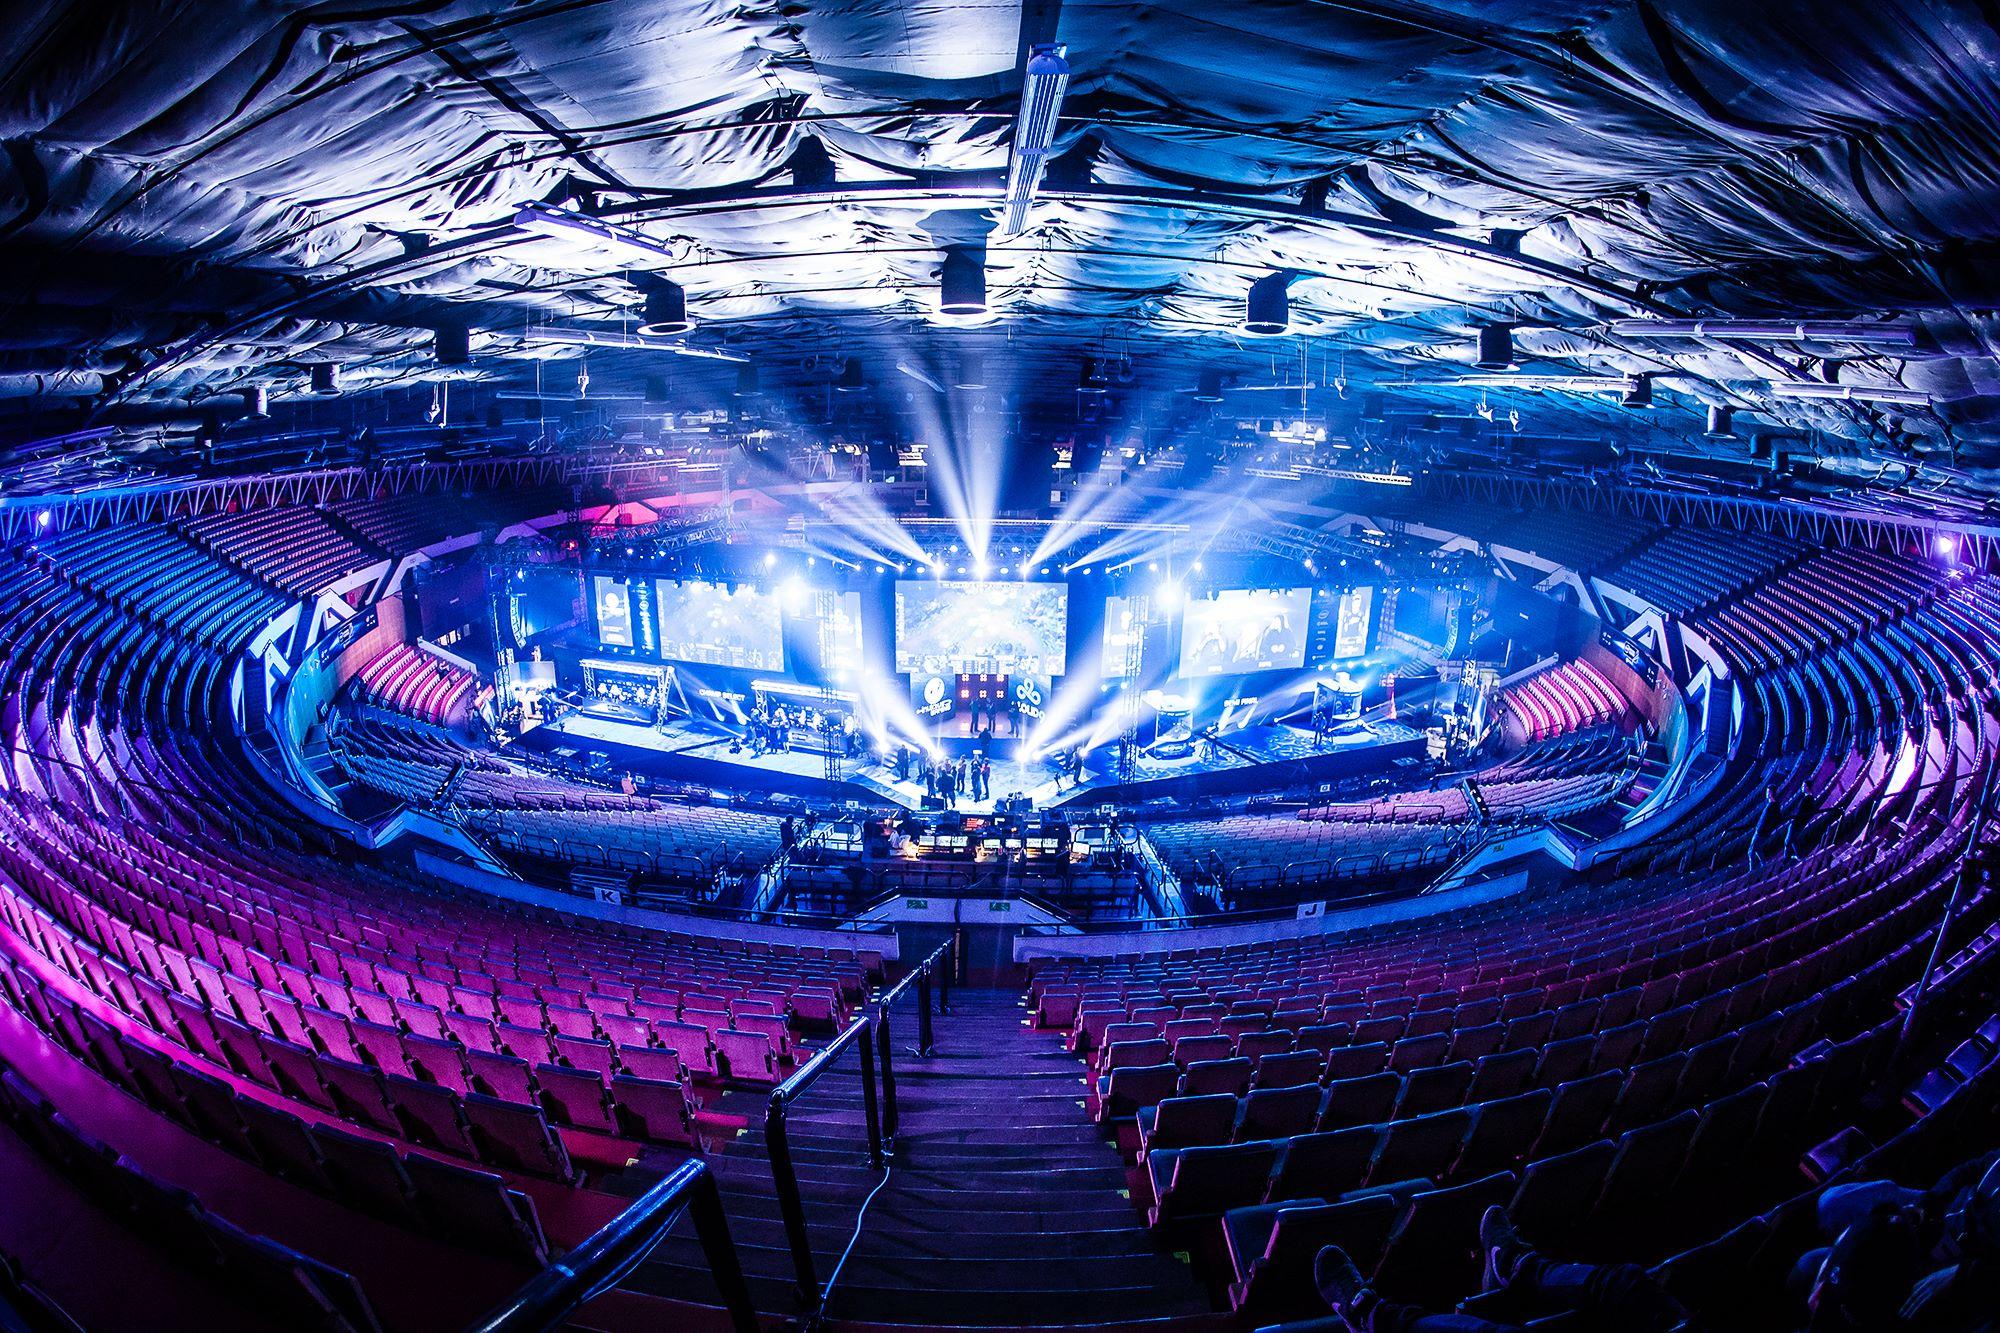 Gdyby nie Intel Extreme Masters, polska e-sportowa scena wyglądałaby zupełnie inaczej